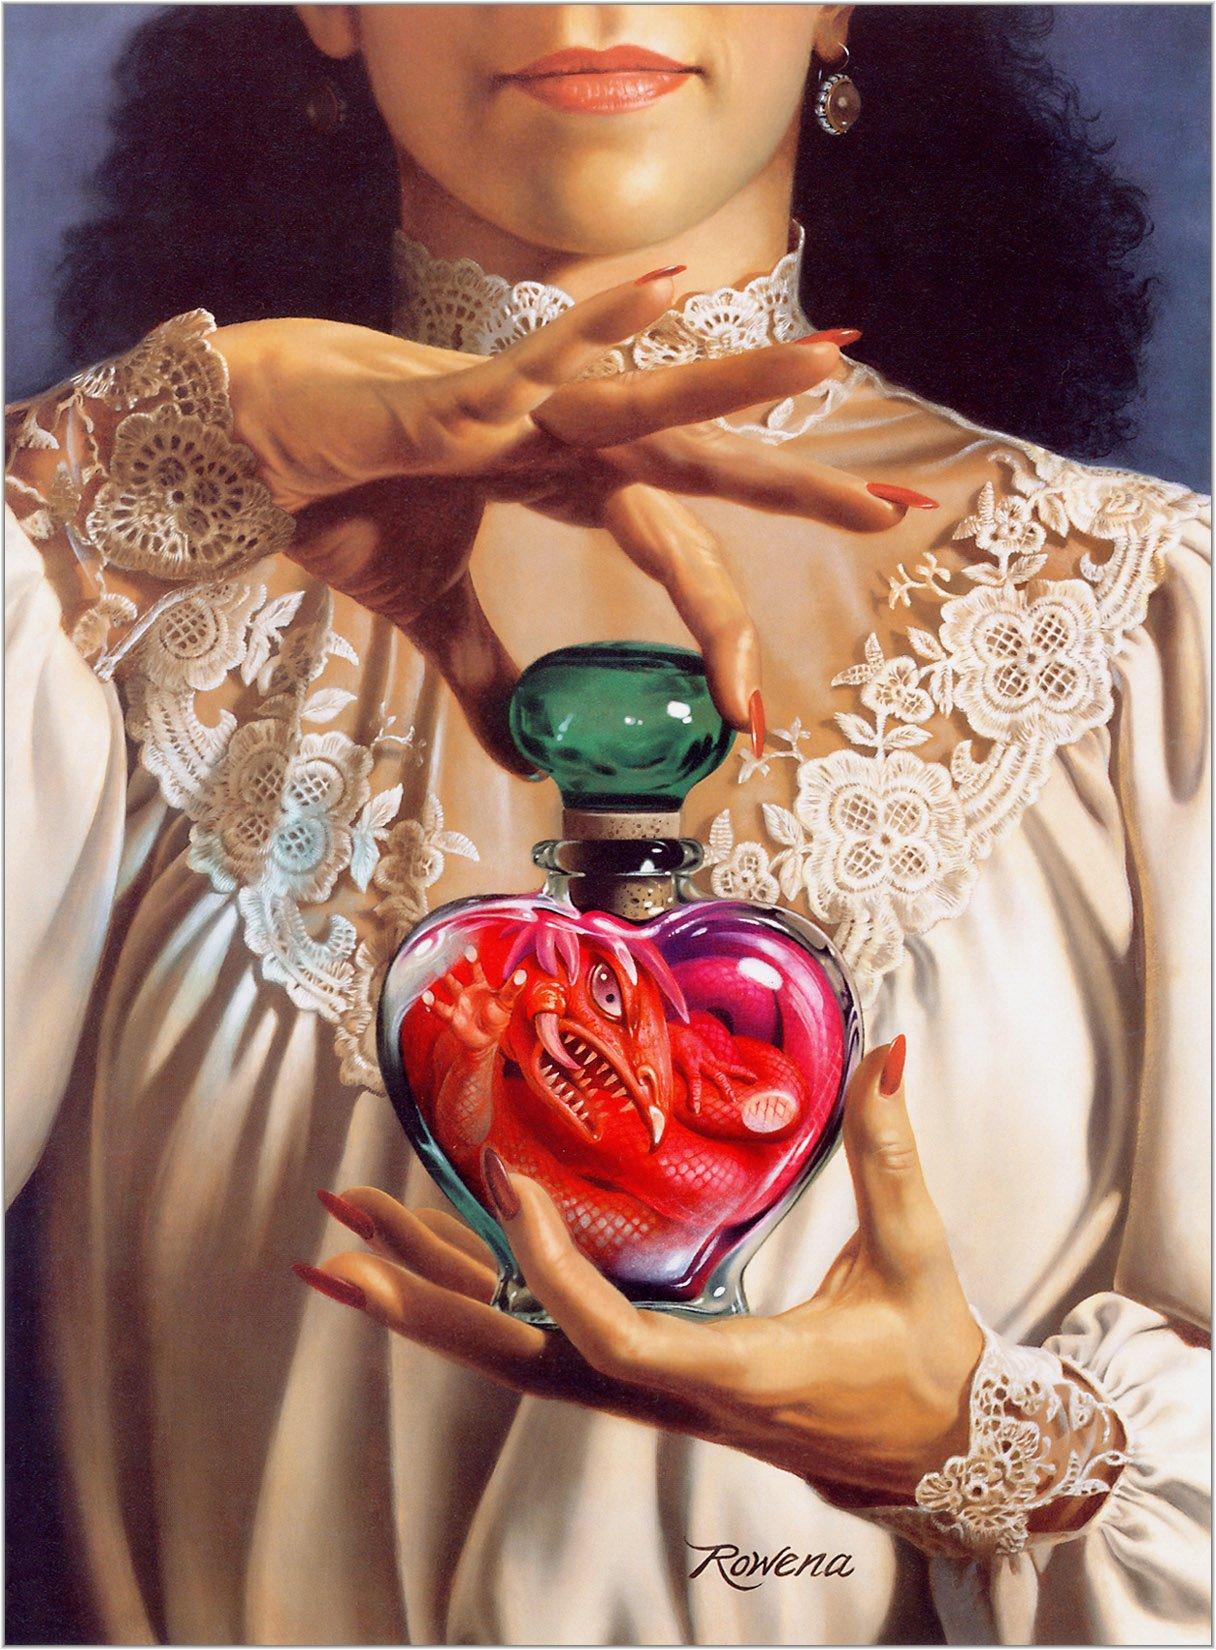 Rowena_Morrill_Forbidden_Fragrance.jpg